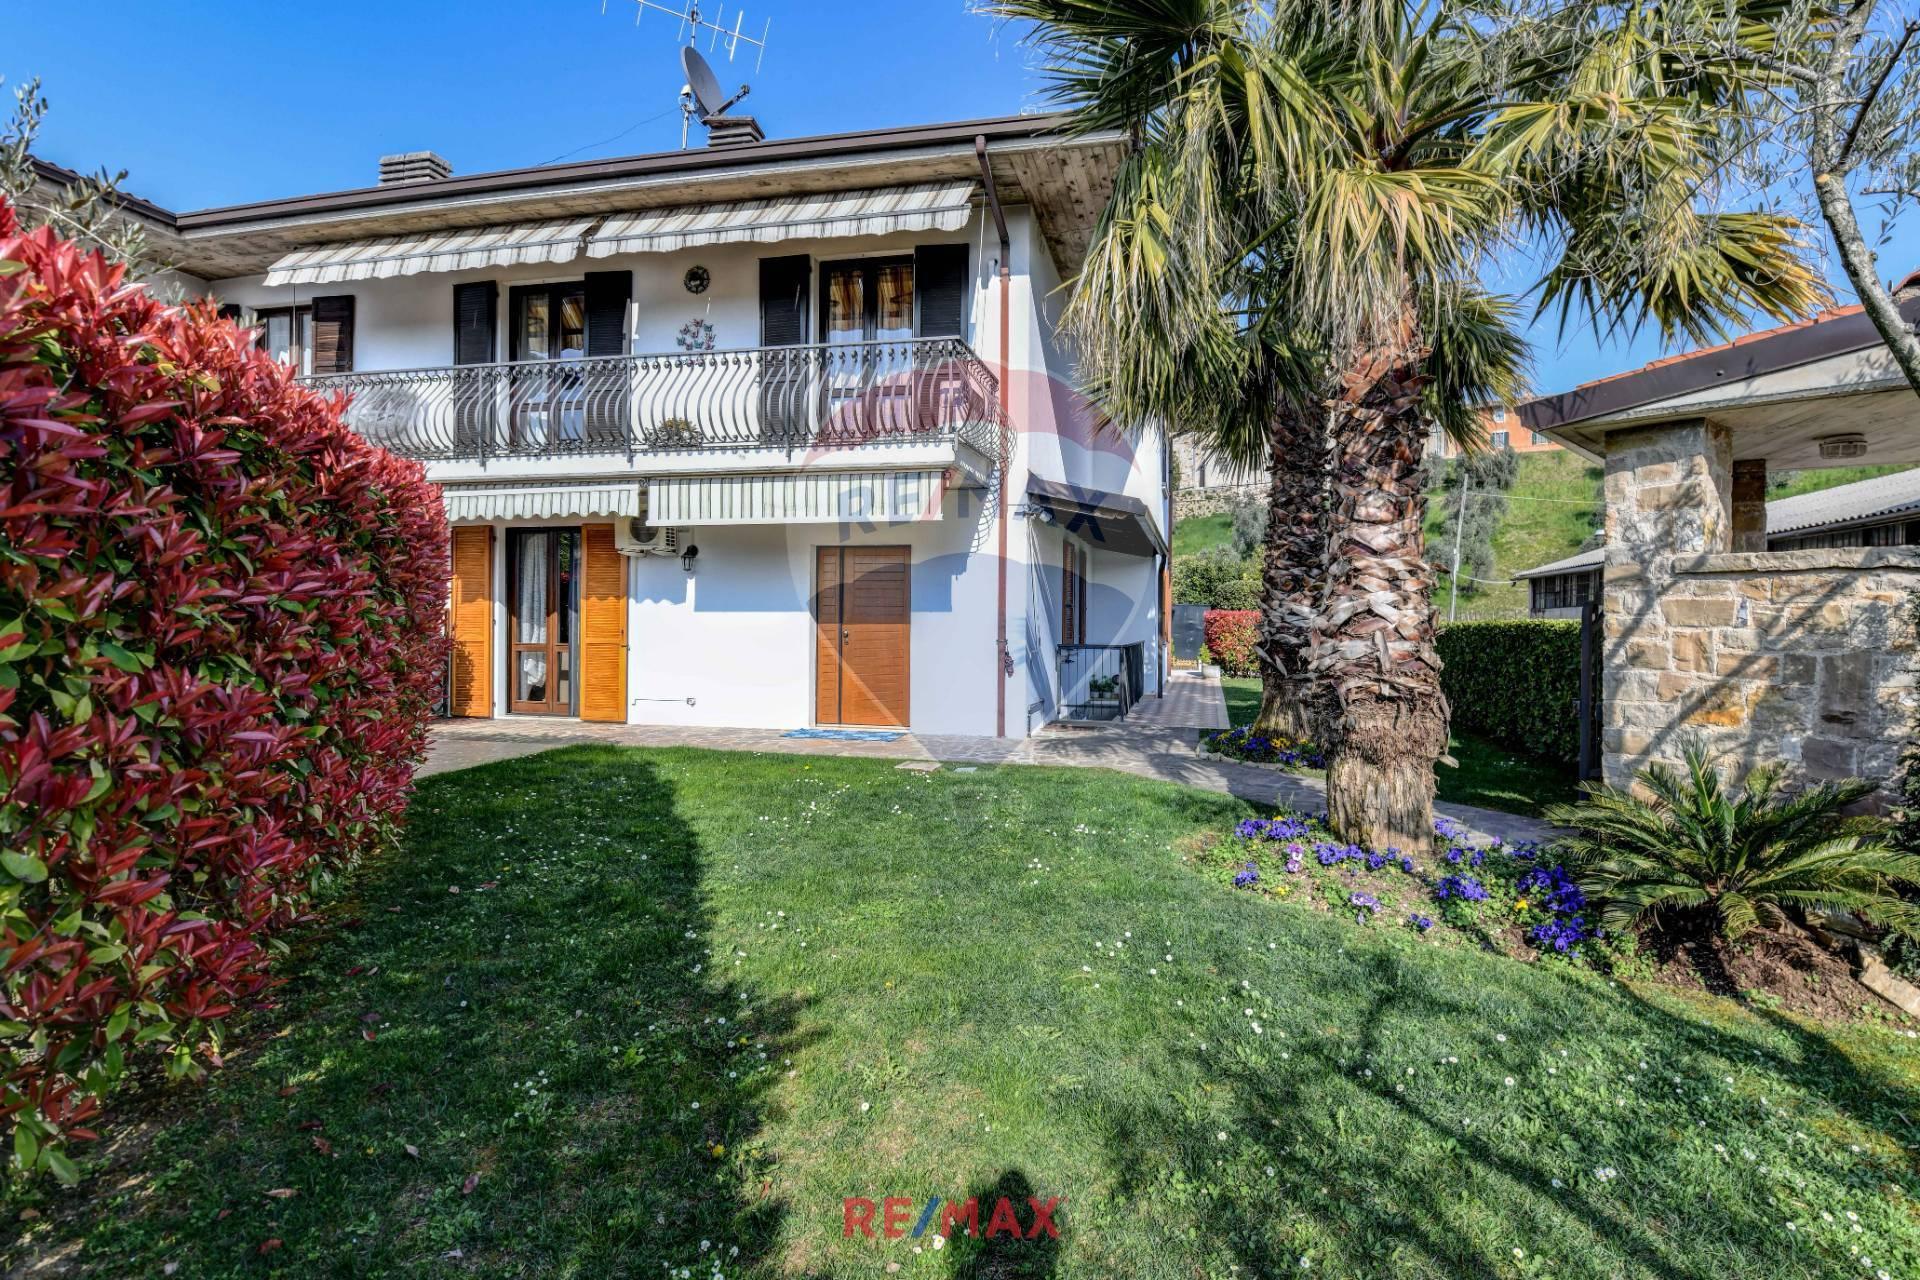 Appartamento in vendita a Puegnago sul Garda, 5 locali, zona Zona: Raffa, prezzo € 319.000   CambioCasa.it